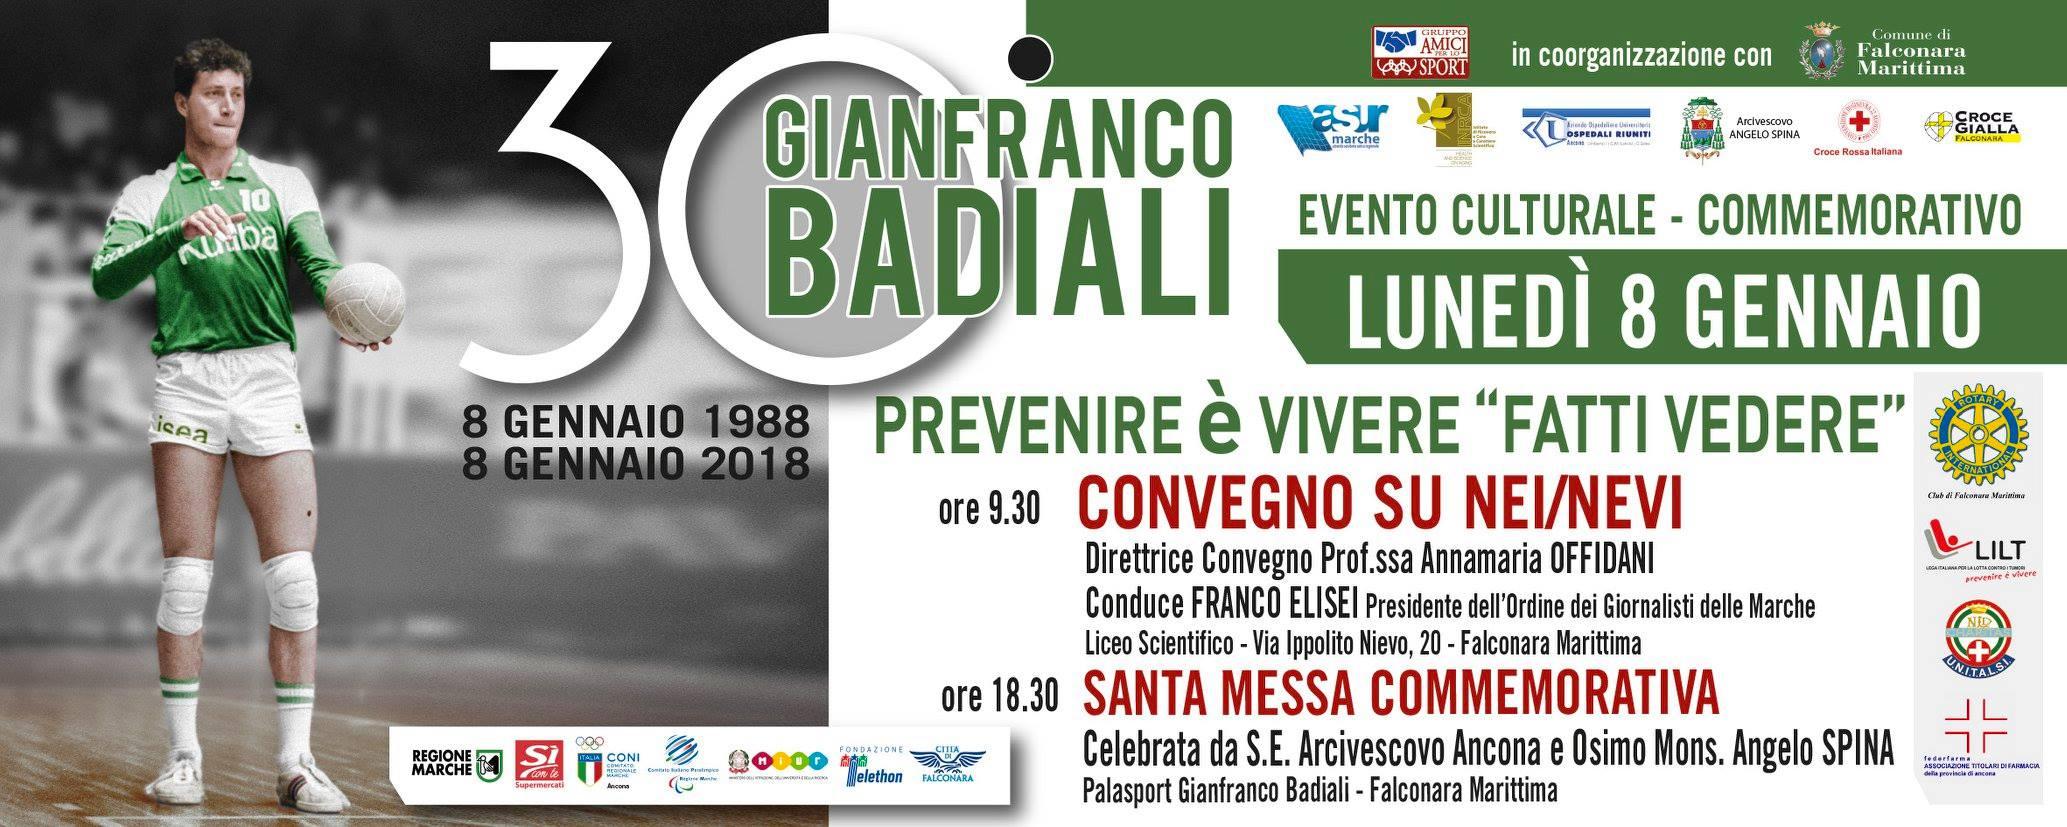 VOLLEY Gianfranco Badiali moriva 30 anni fa. Convegno a Falconara sui nei/nevi